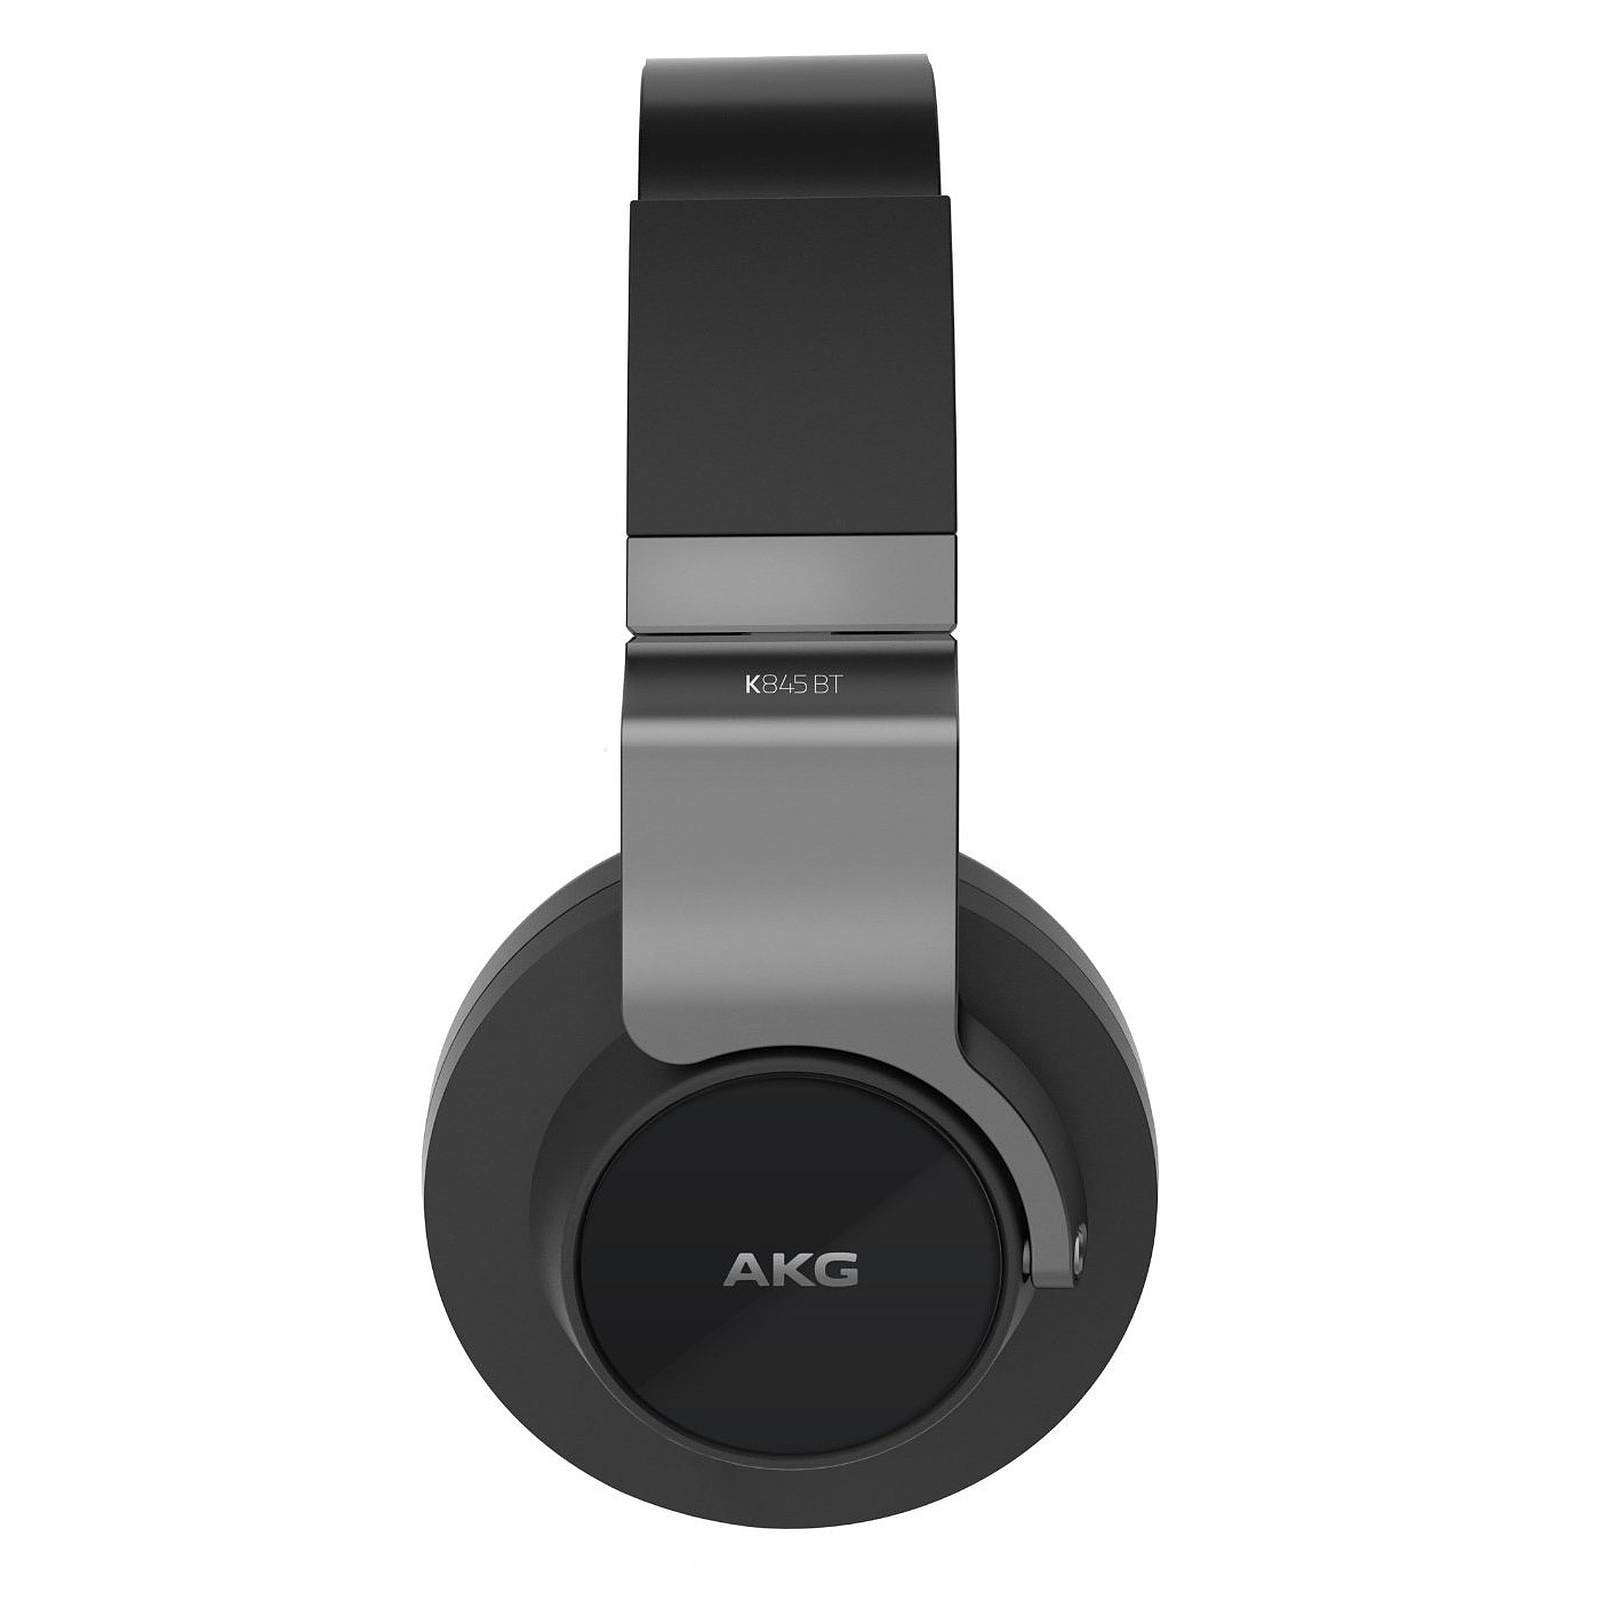 AKG K845BT Noir - Casque AKG sur LDLC.com